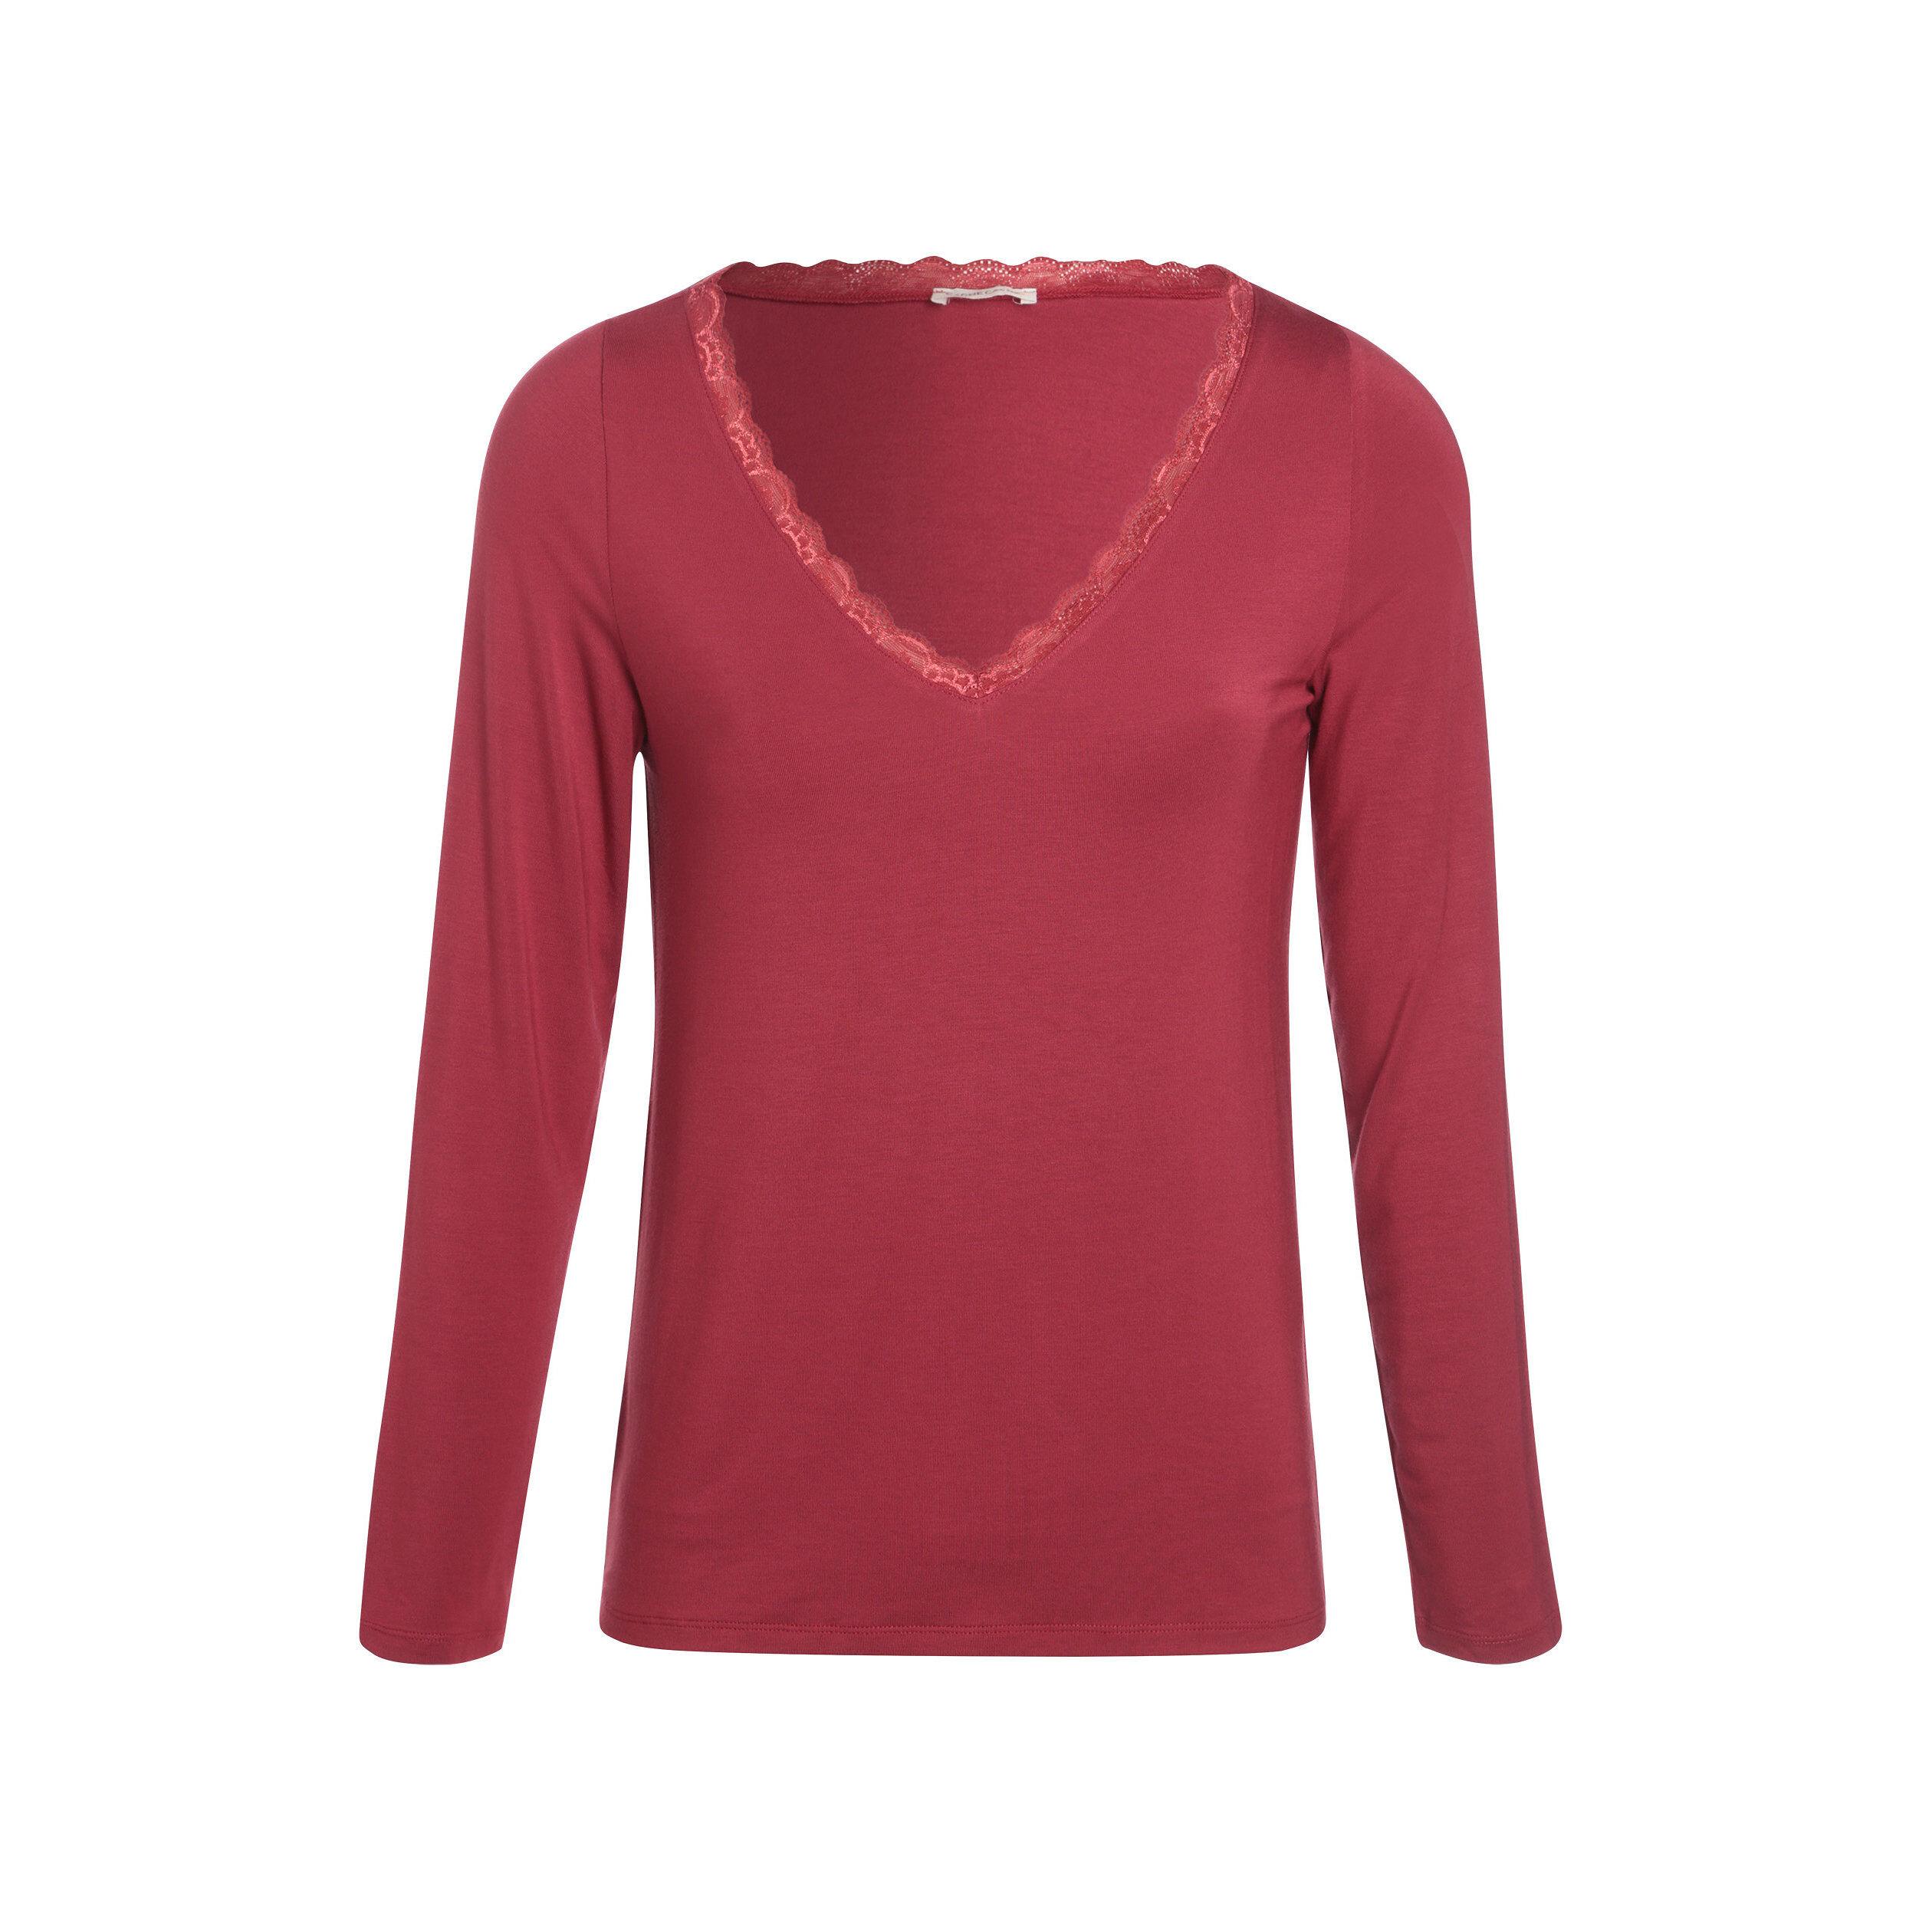 T-shirt manches longues rouge femme   Vib'